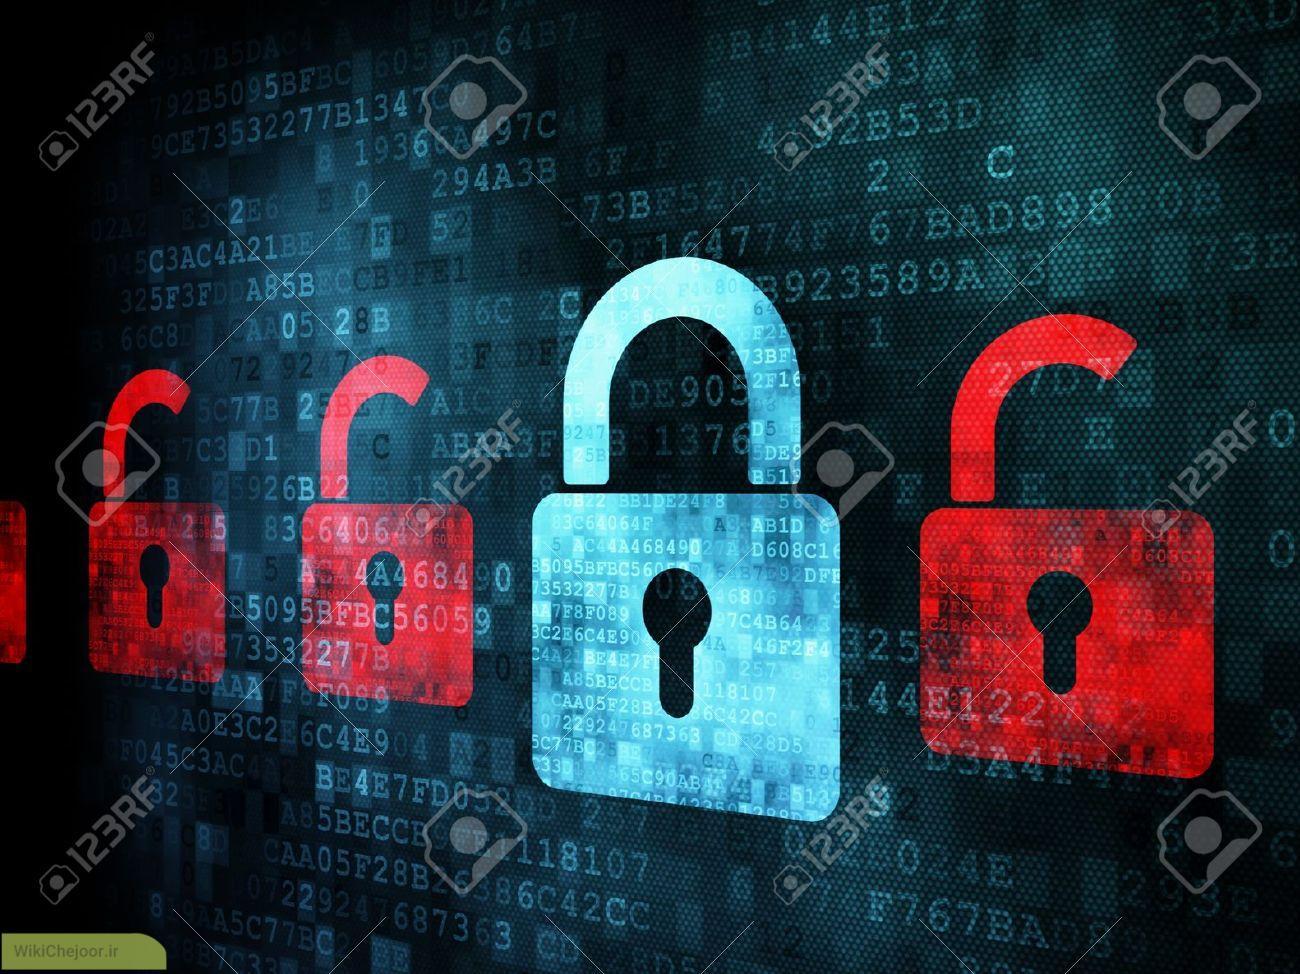 محافظت از کلید های خصوصی